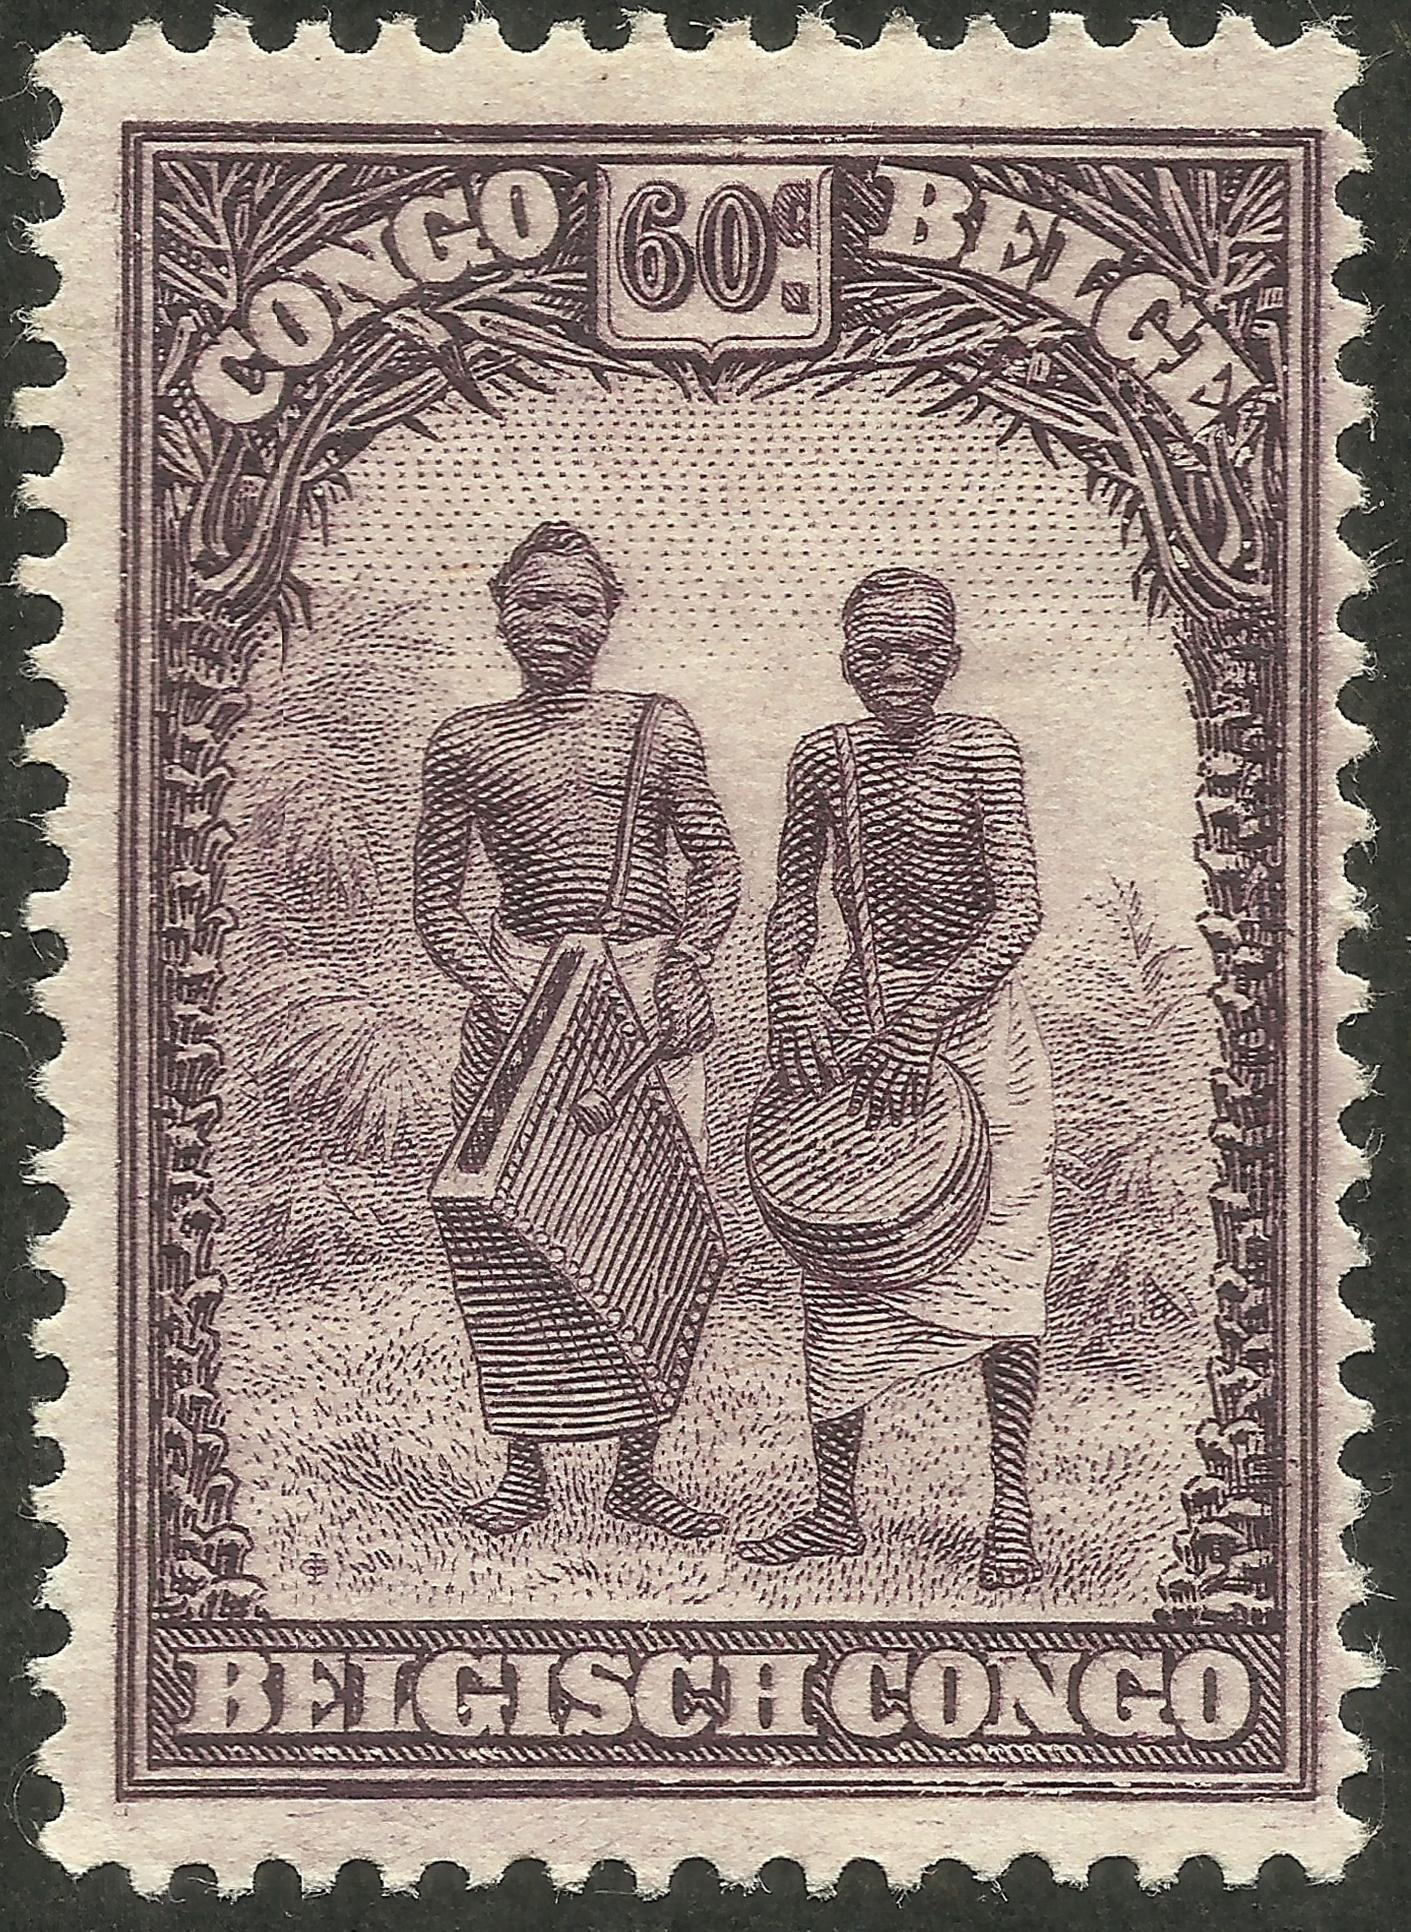 Belgian Congo - Scott #145 (1932)